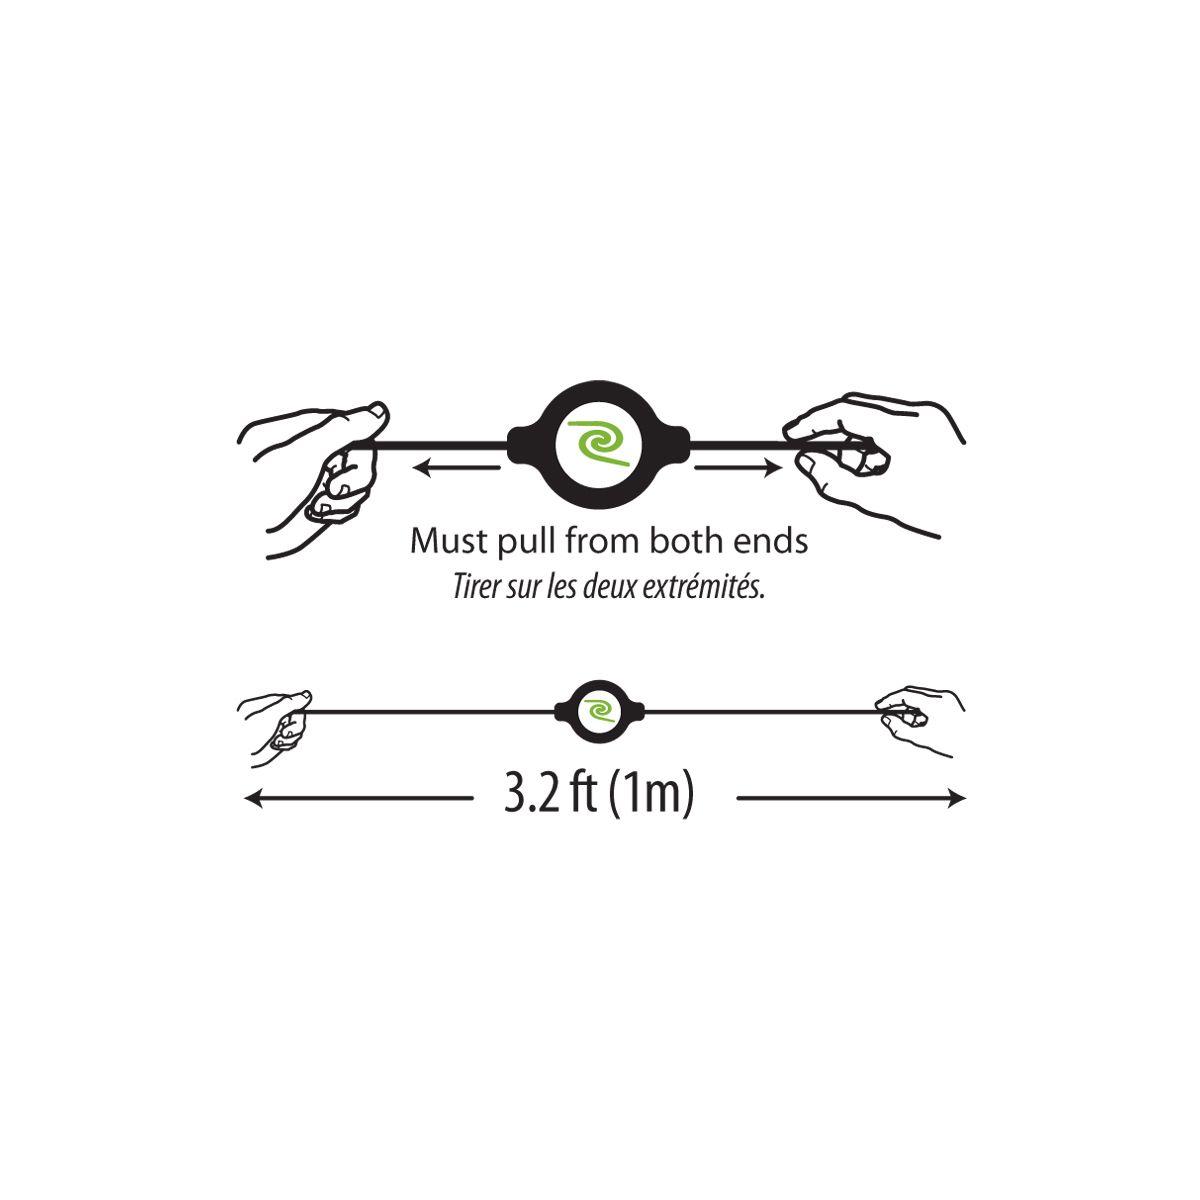 Câble retrak splitter 2 casques rétr. 1m - 7% de remise immédiate avec le code : multi7 (photo)